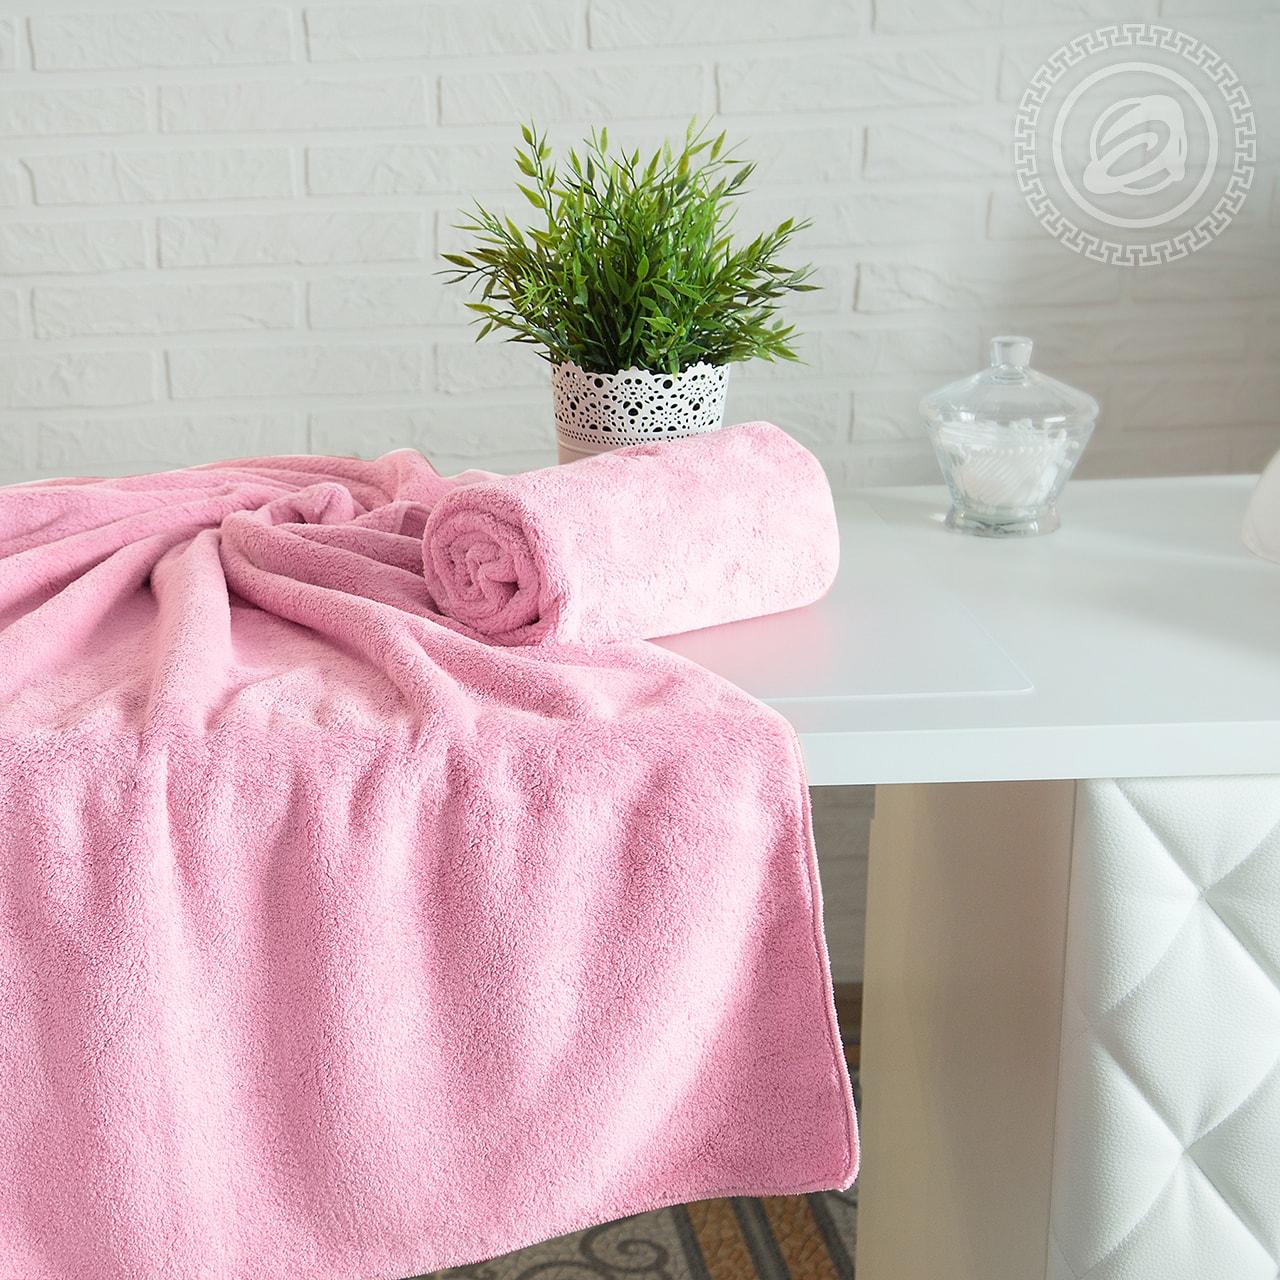 Банное полотенце Грандсток 11458042 от Grandstock